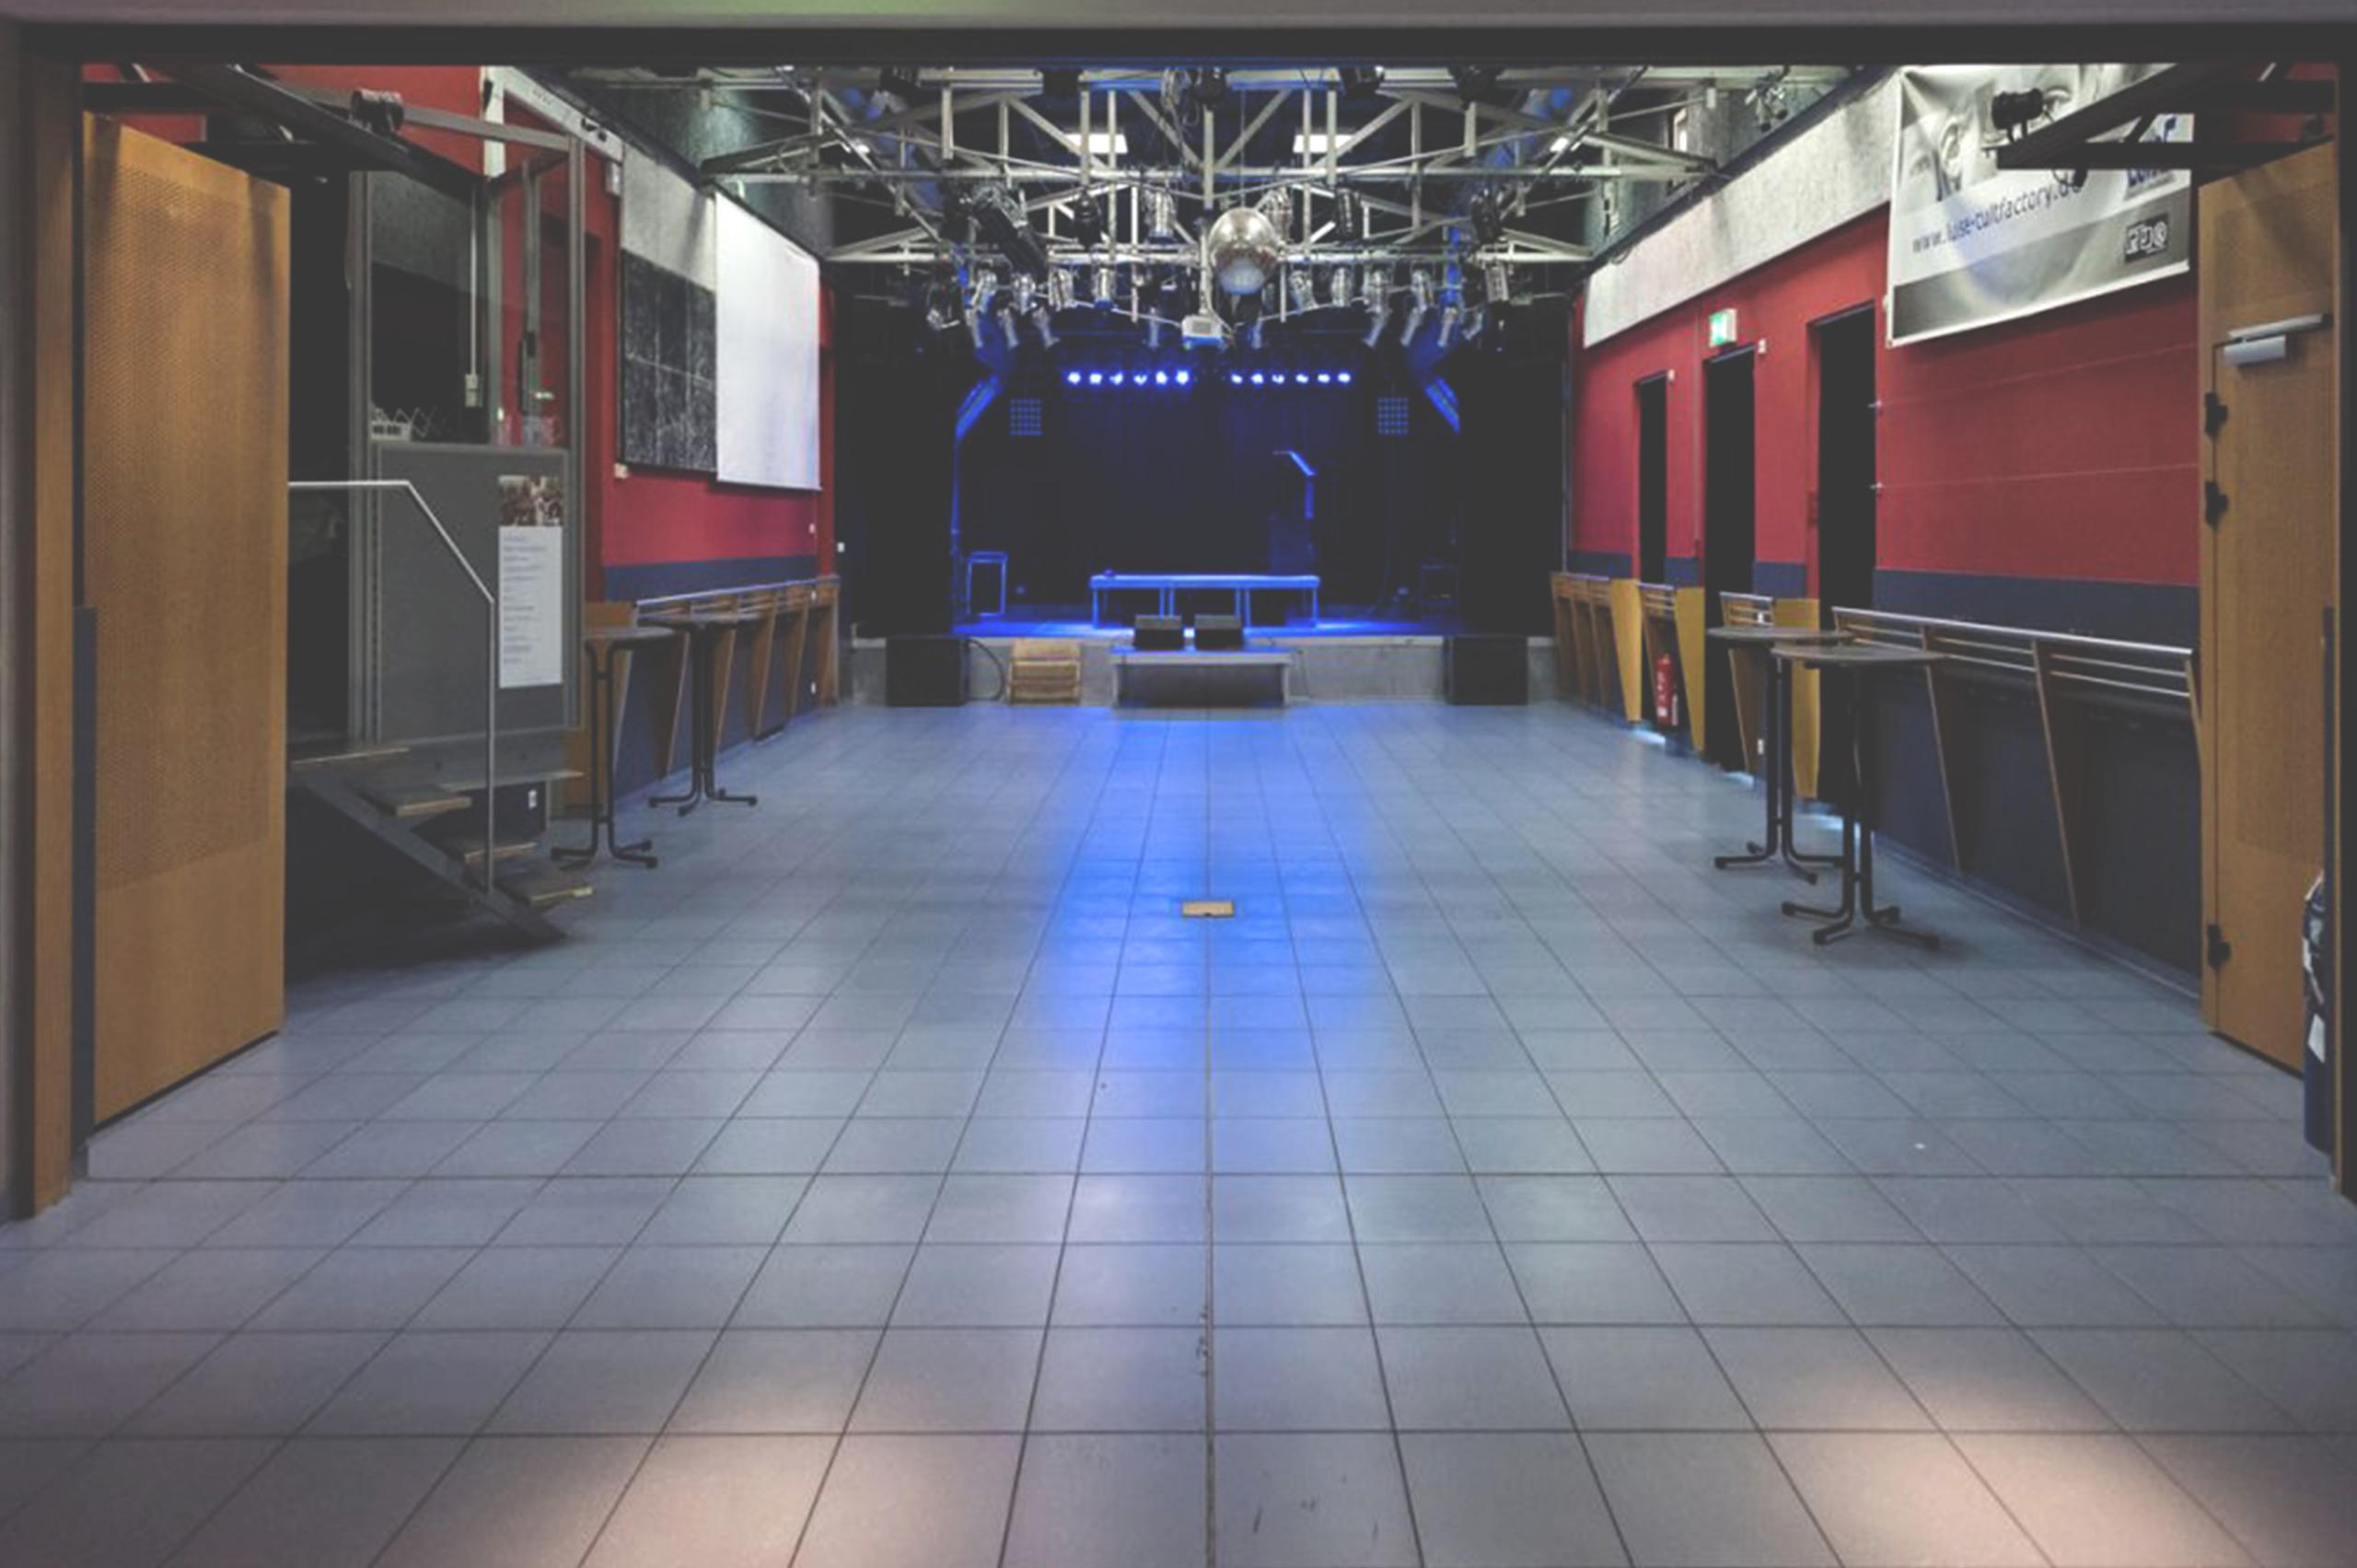 Foto von dem leeren Konzertsaal der LUISE mit einer beleuchteten Bühne bei geöffneter Trennwand. Über der Bühne hängen viele Scheinwerfer. Links eine Lichtkanzel.